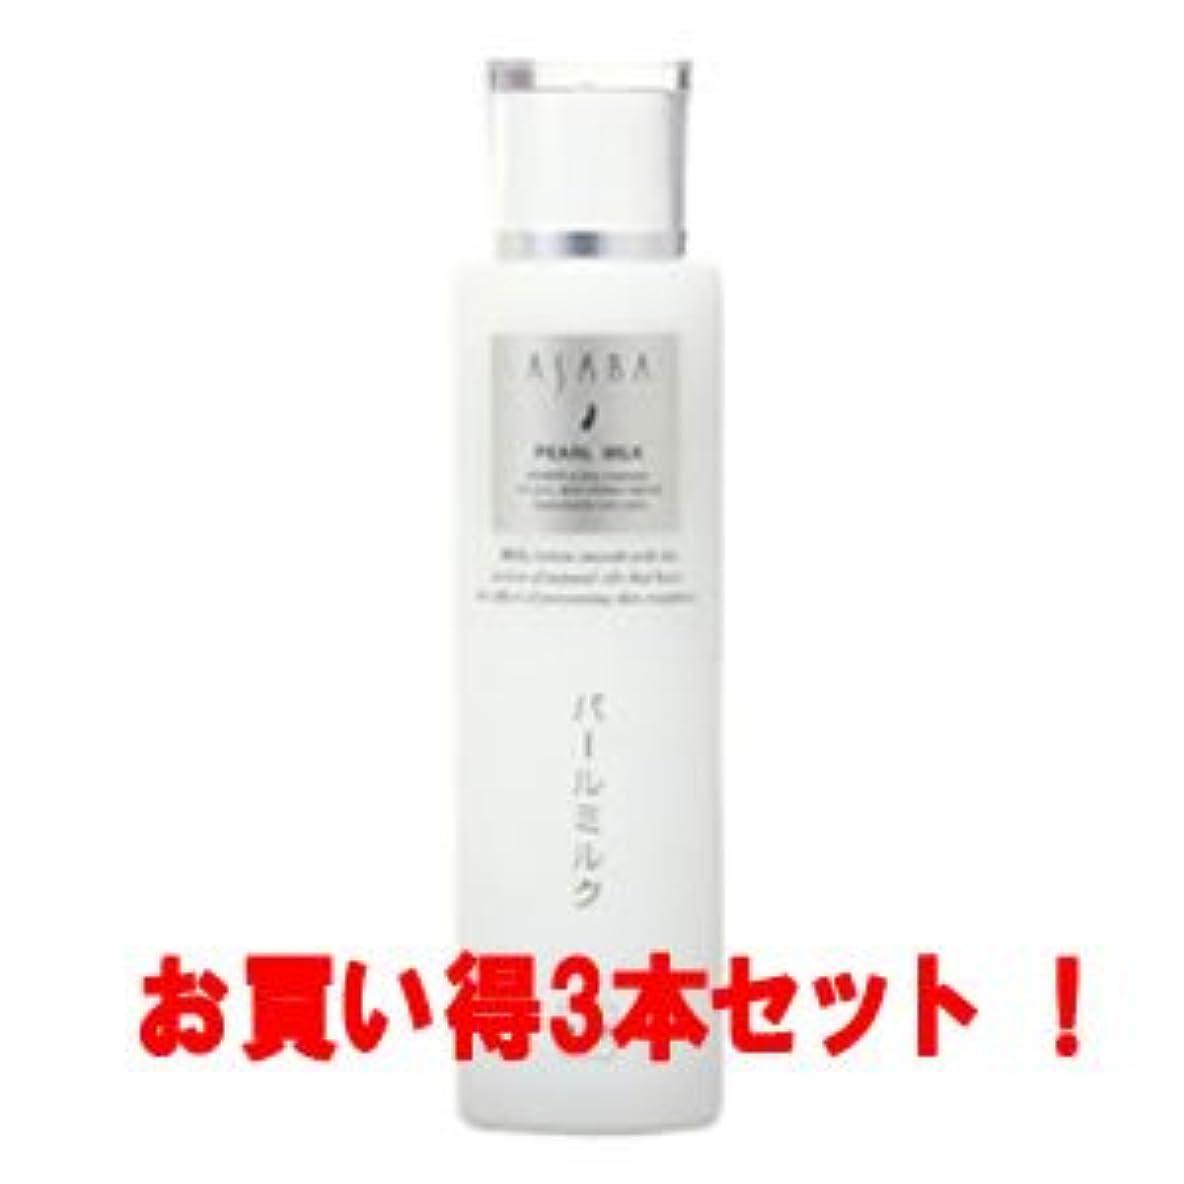 スペクトラム翻訳するアコード(アサバ化粧品)アサバ パールミルク100ml(お買い得3本セット)